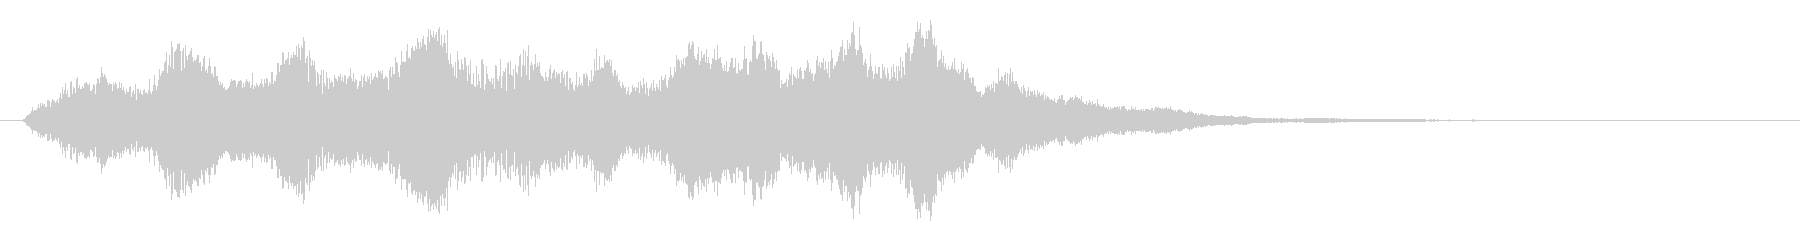 シンセサイザーによる不吉な場面転換音の未再生の波形